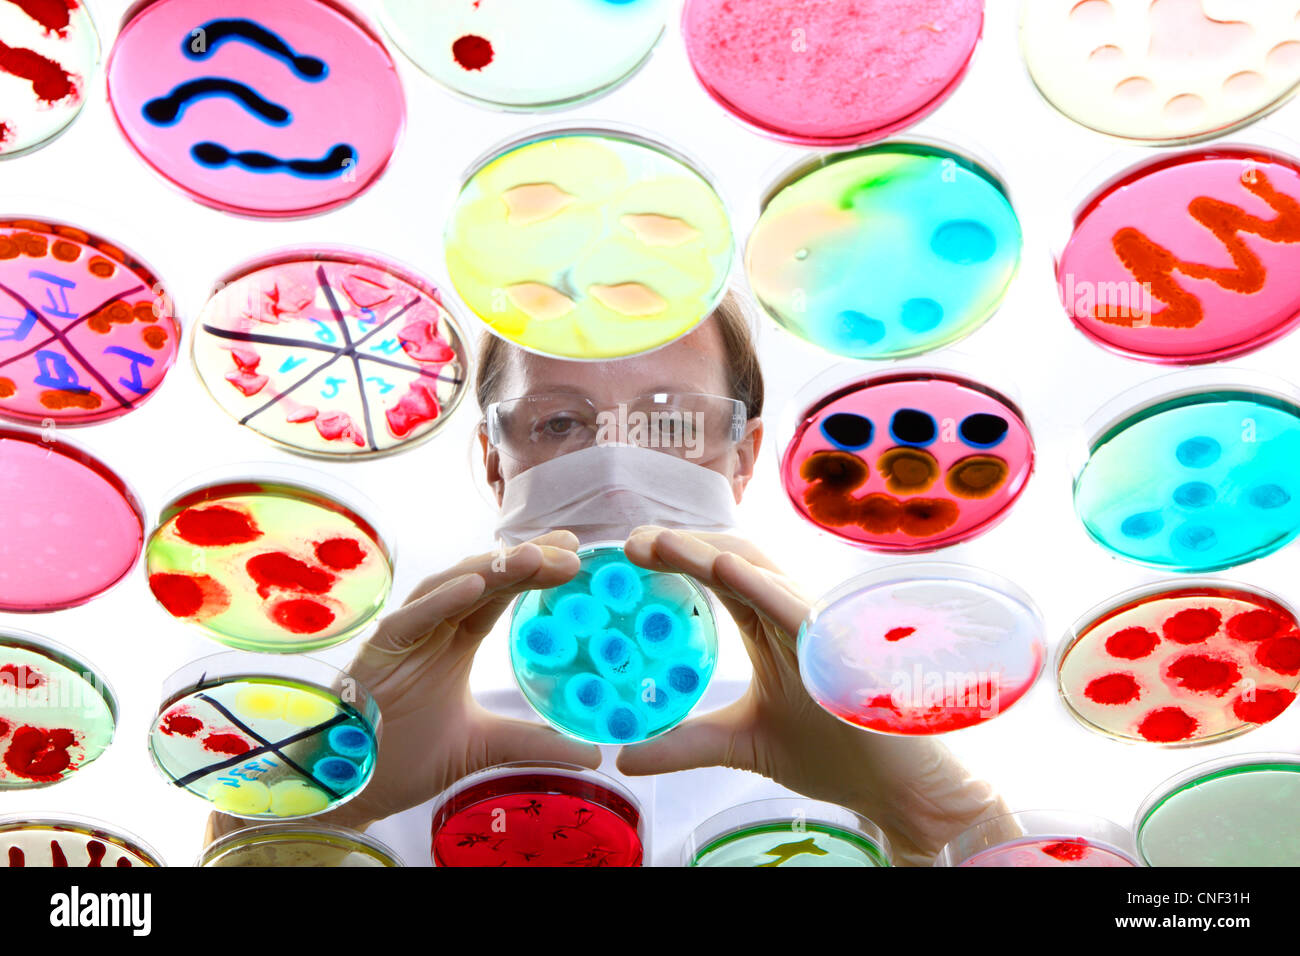 Laboratorio biologico, chimico. Analisi di colture batteriche di batteri in crescita in piastre di Petri. Immagini Stock